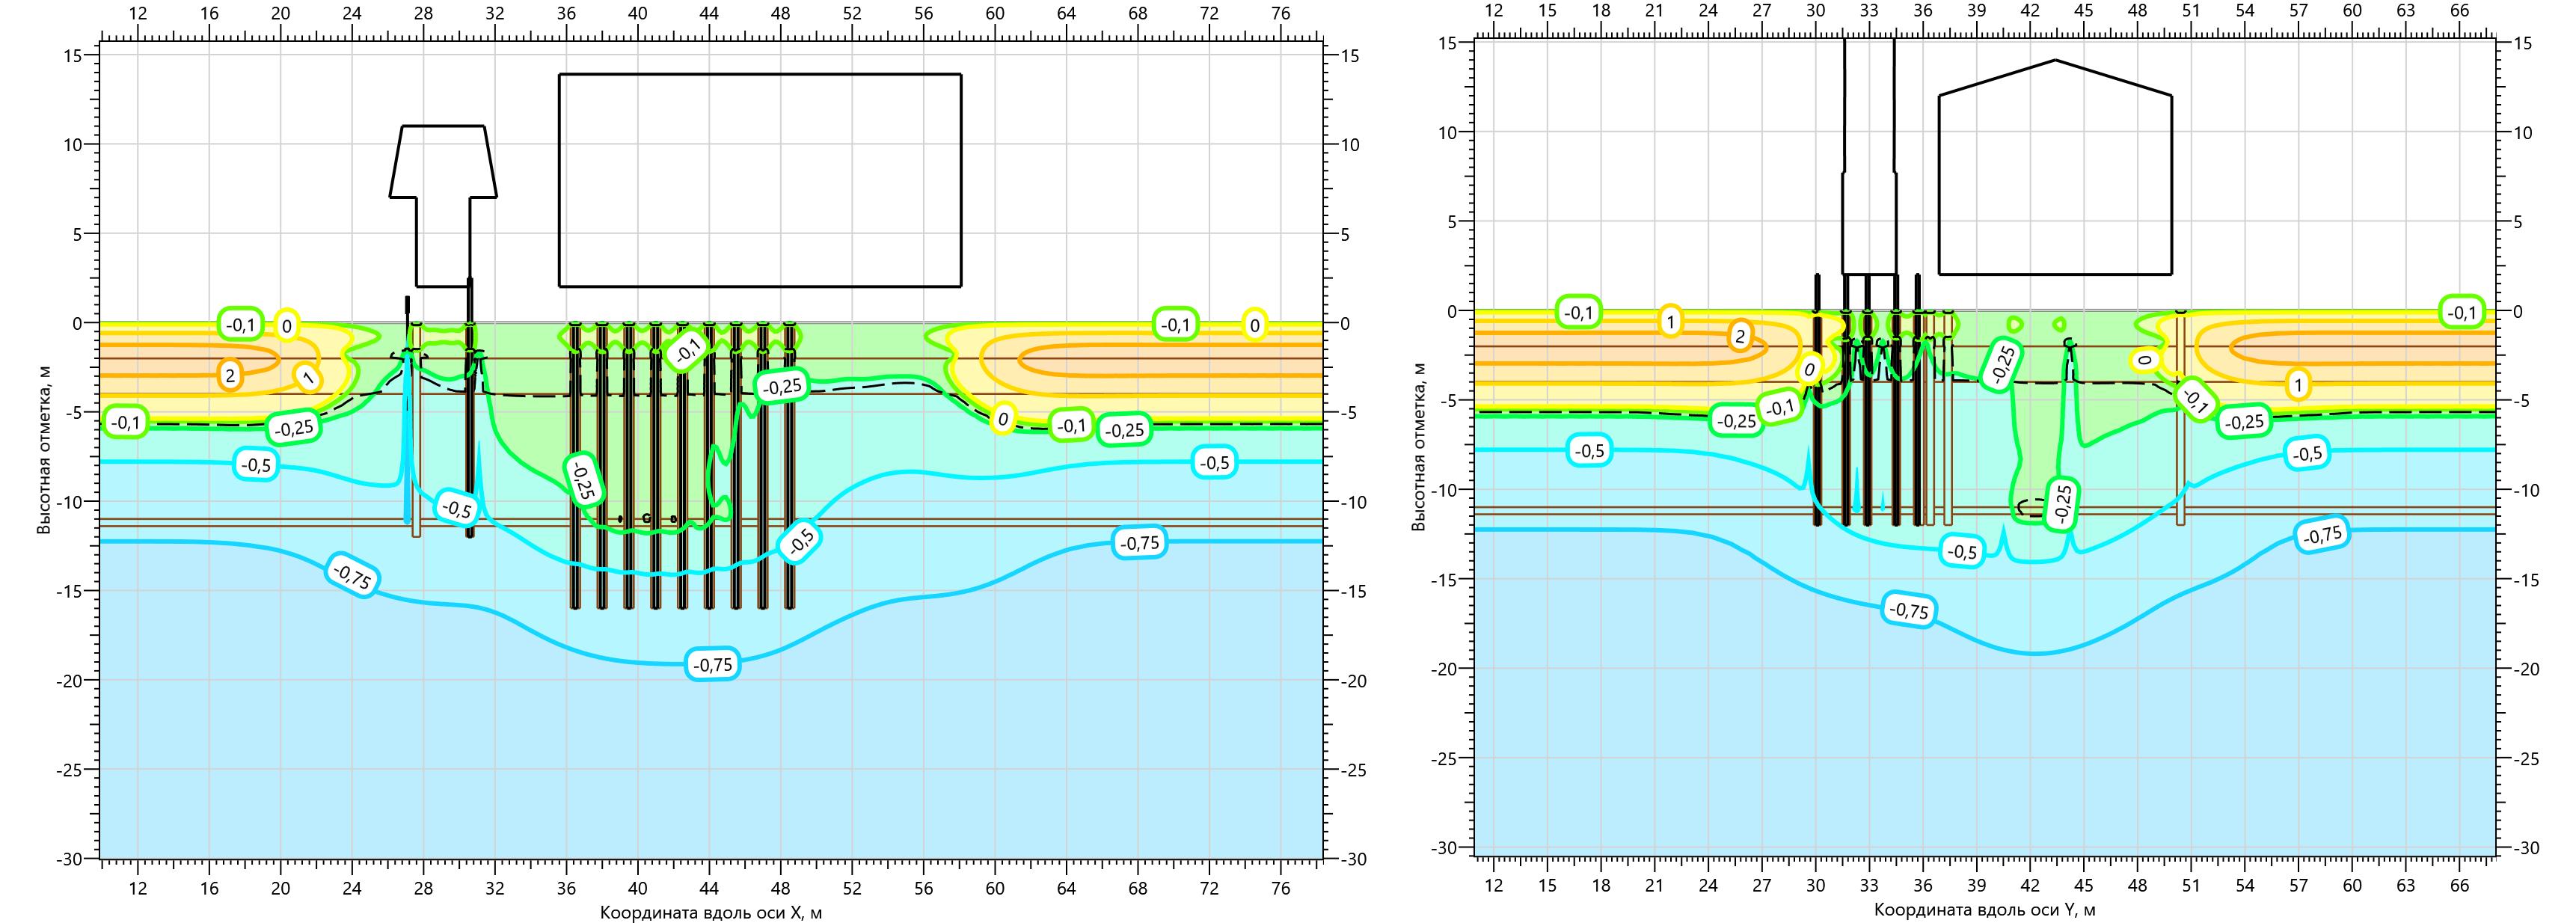 Температурное поле ММГ в основании Газоперекачивающего агрегата на 15.10.2001